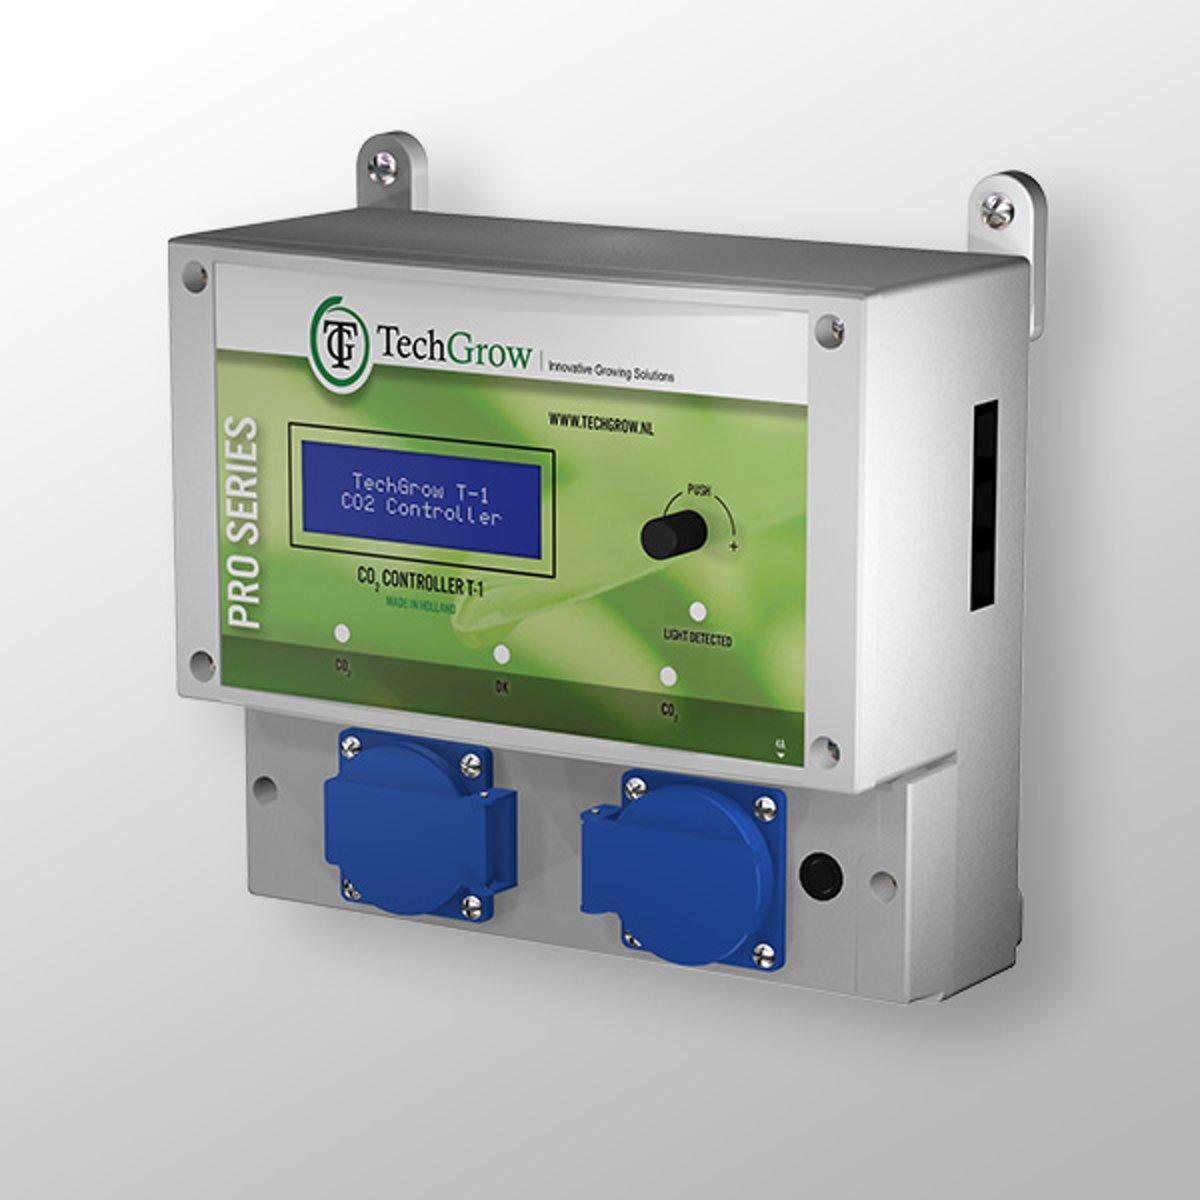 TechGrow T-1 Pro Co2 controller  (excl S-2 sensor)